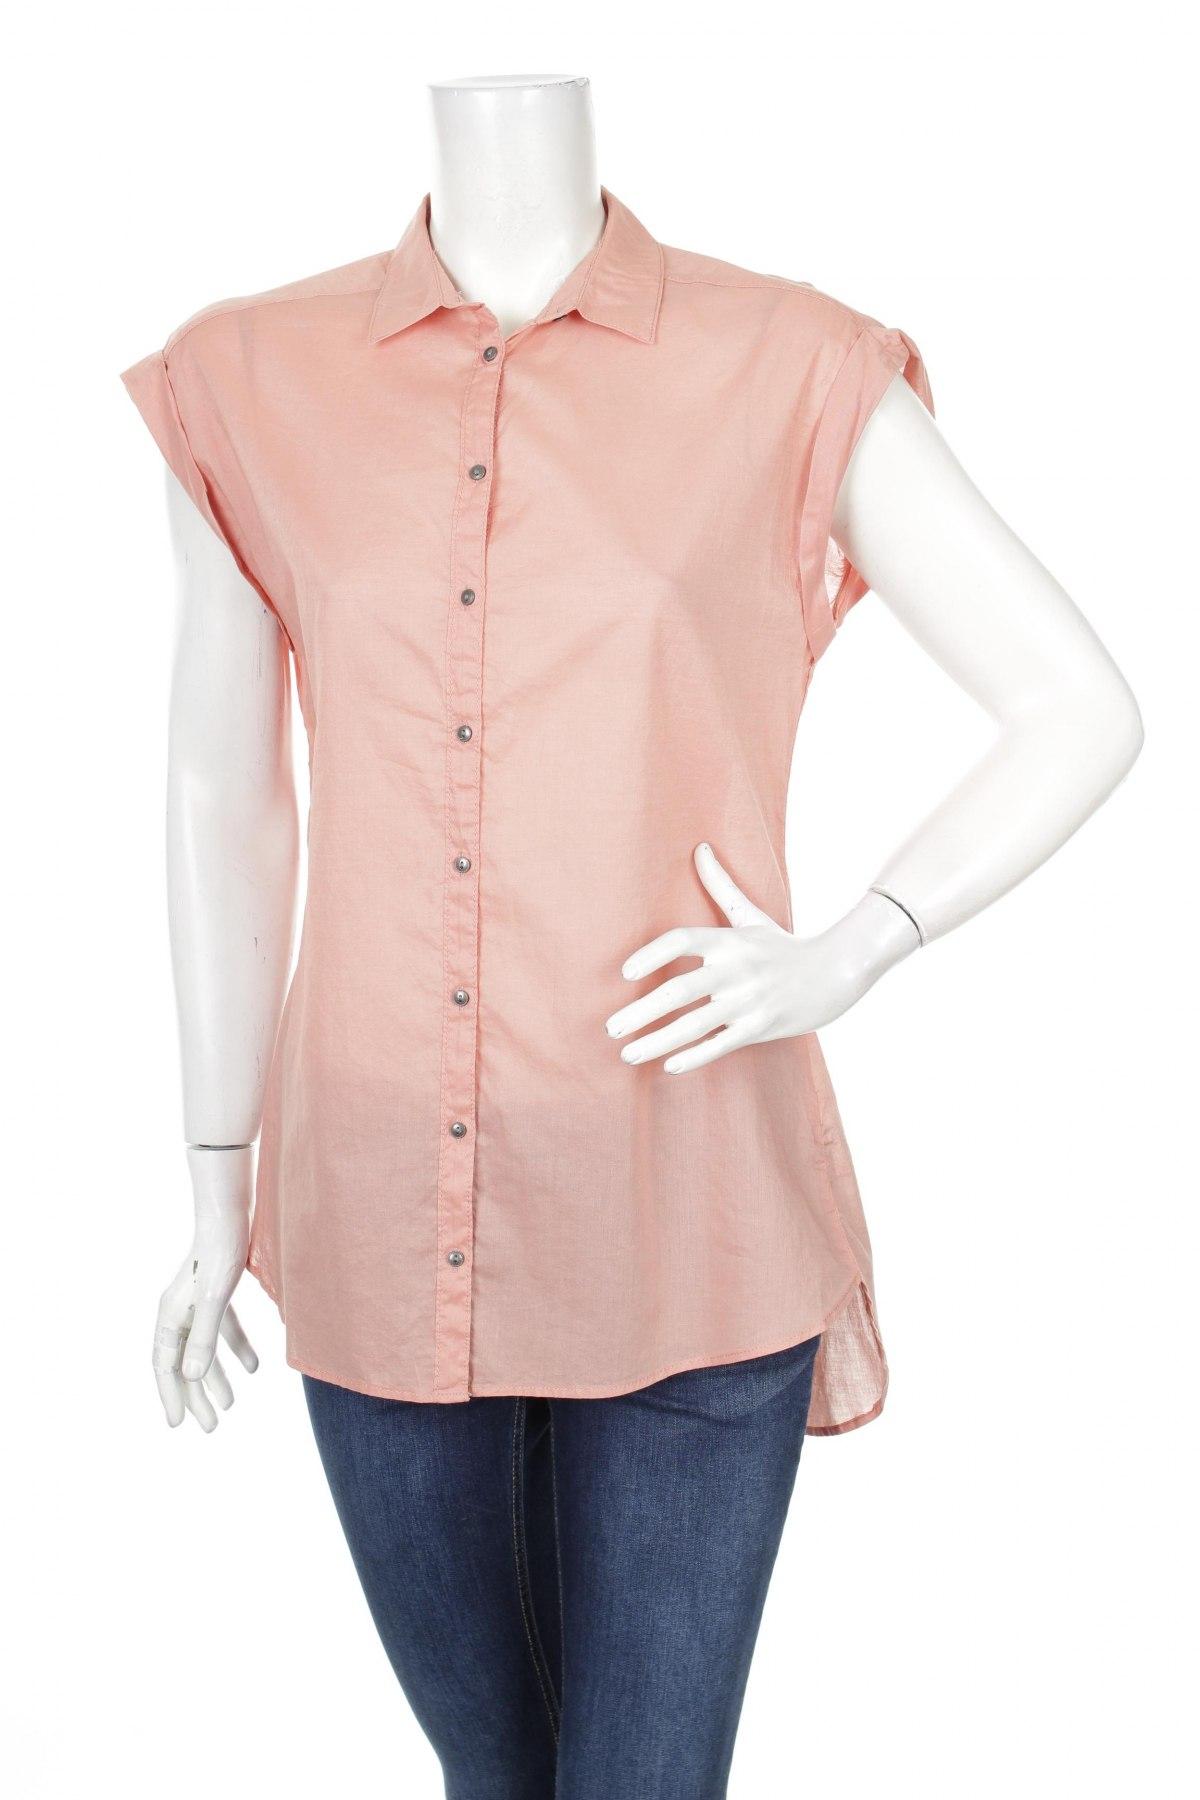 Γυναικείο πουκάμισο Yessica, Μέγεθος M, Χρώμα Ρόζ , Βαμβάκι, Τιμή 3,16€